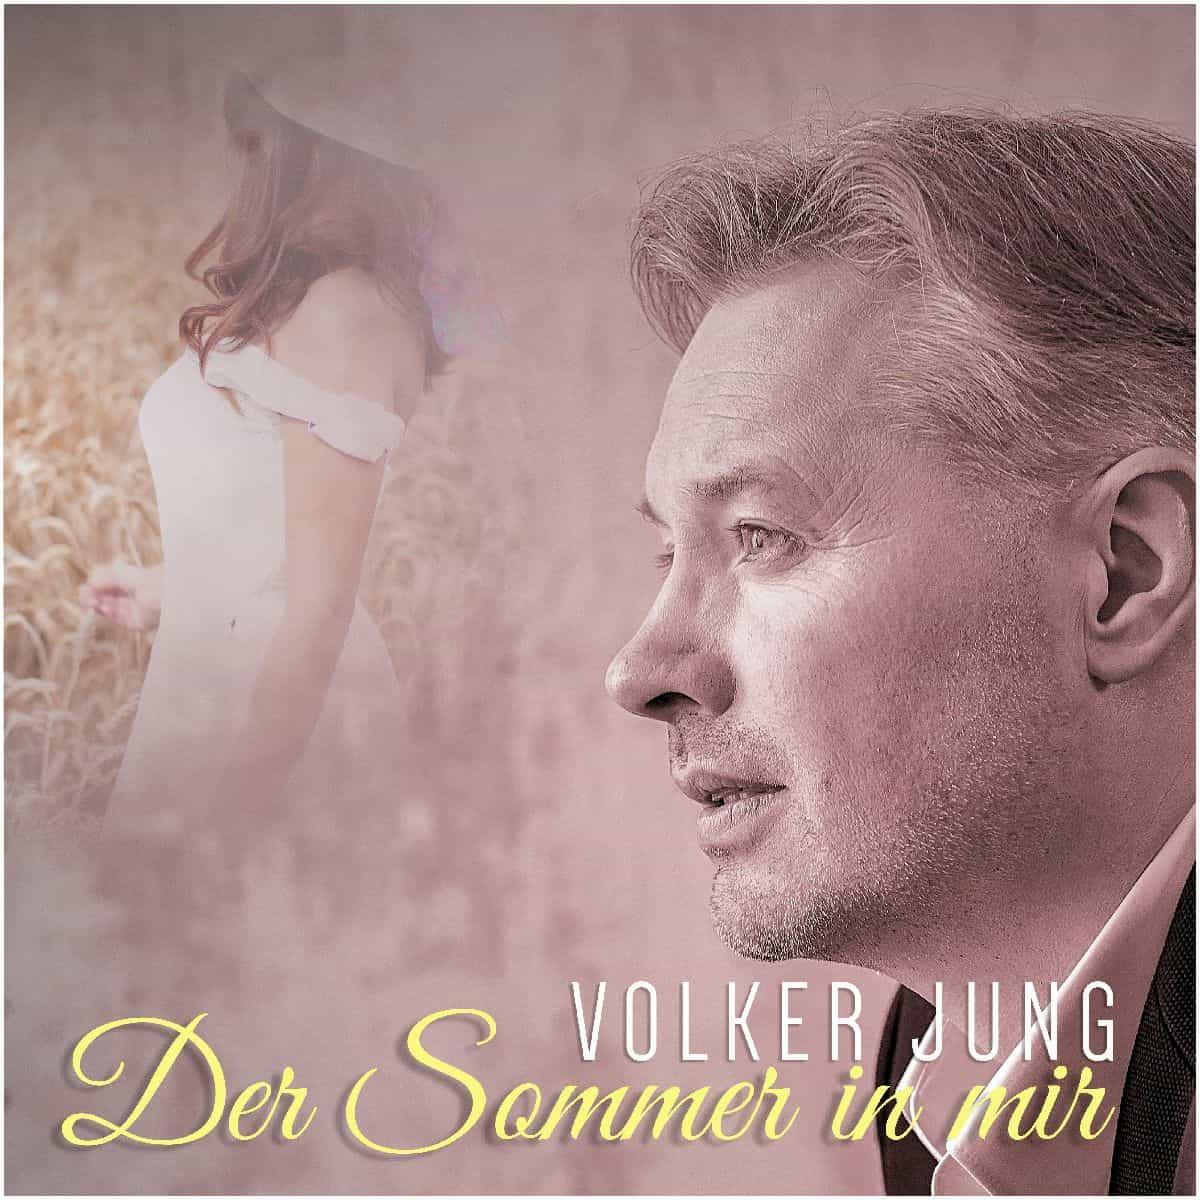 Volker Jung - Wohlfühl-Schlager Der Sommer in mir veröffentlicht